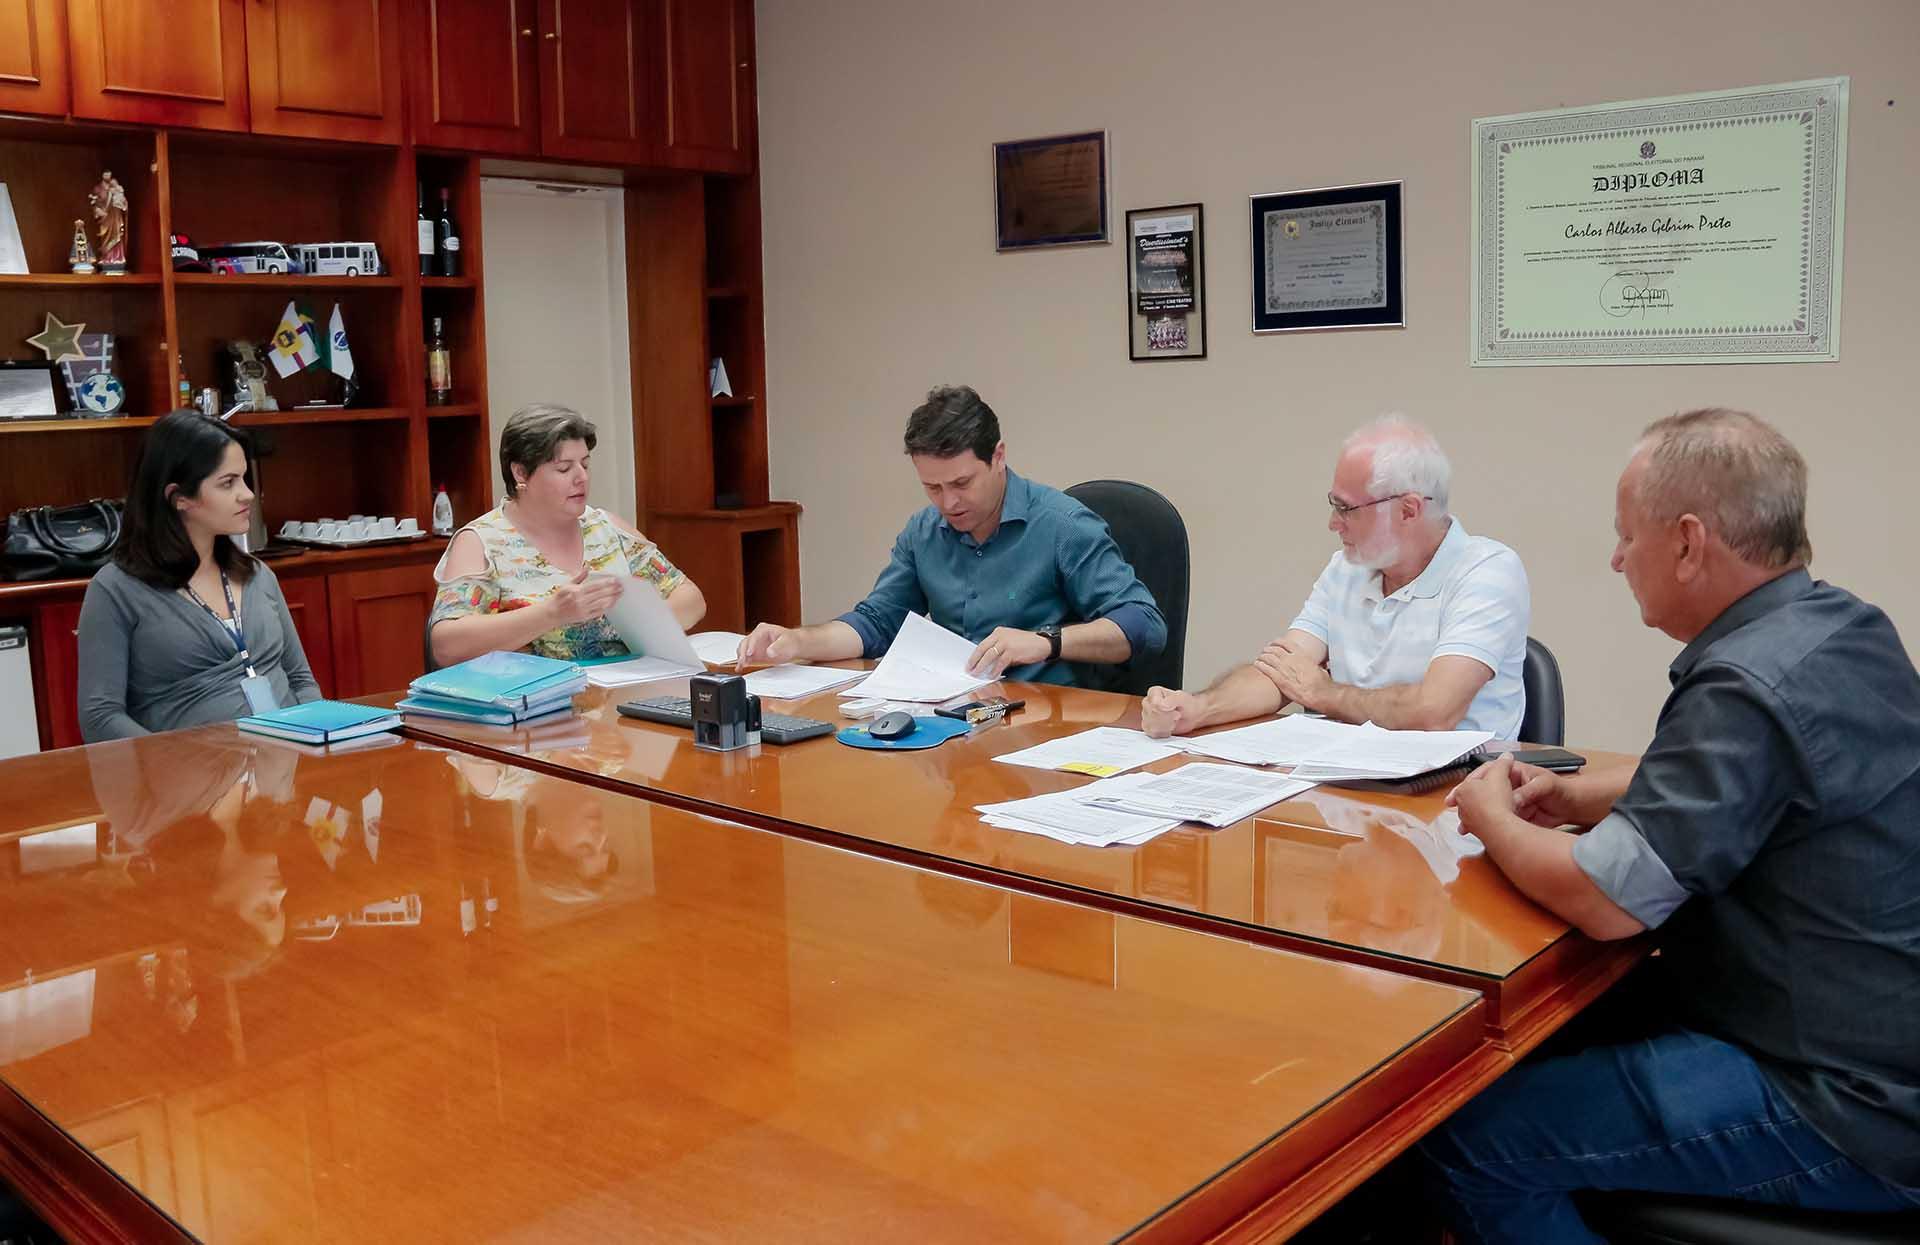 Parceria disponibiliza gratuitamente os cursos de auxiliar administrativo e de construtor pedreiro